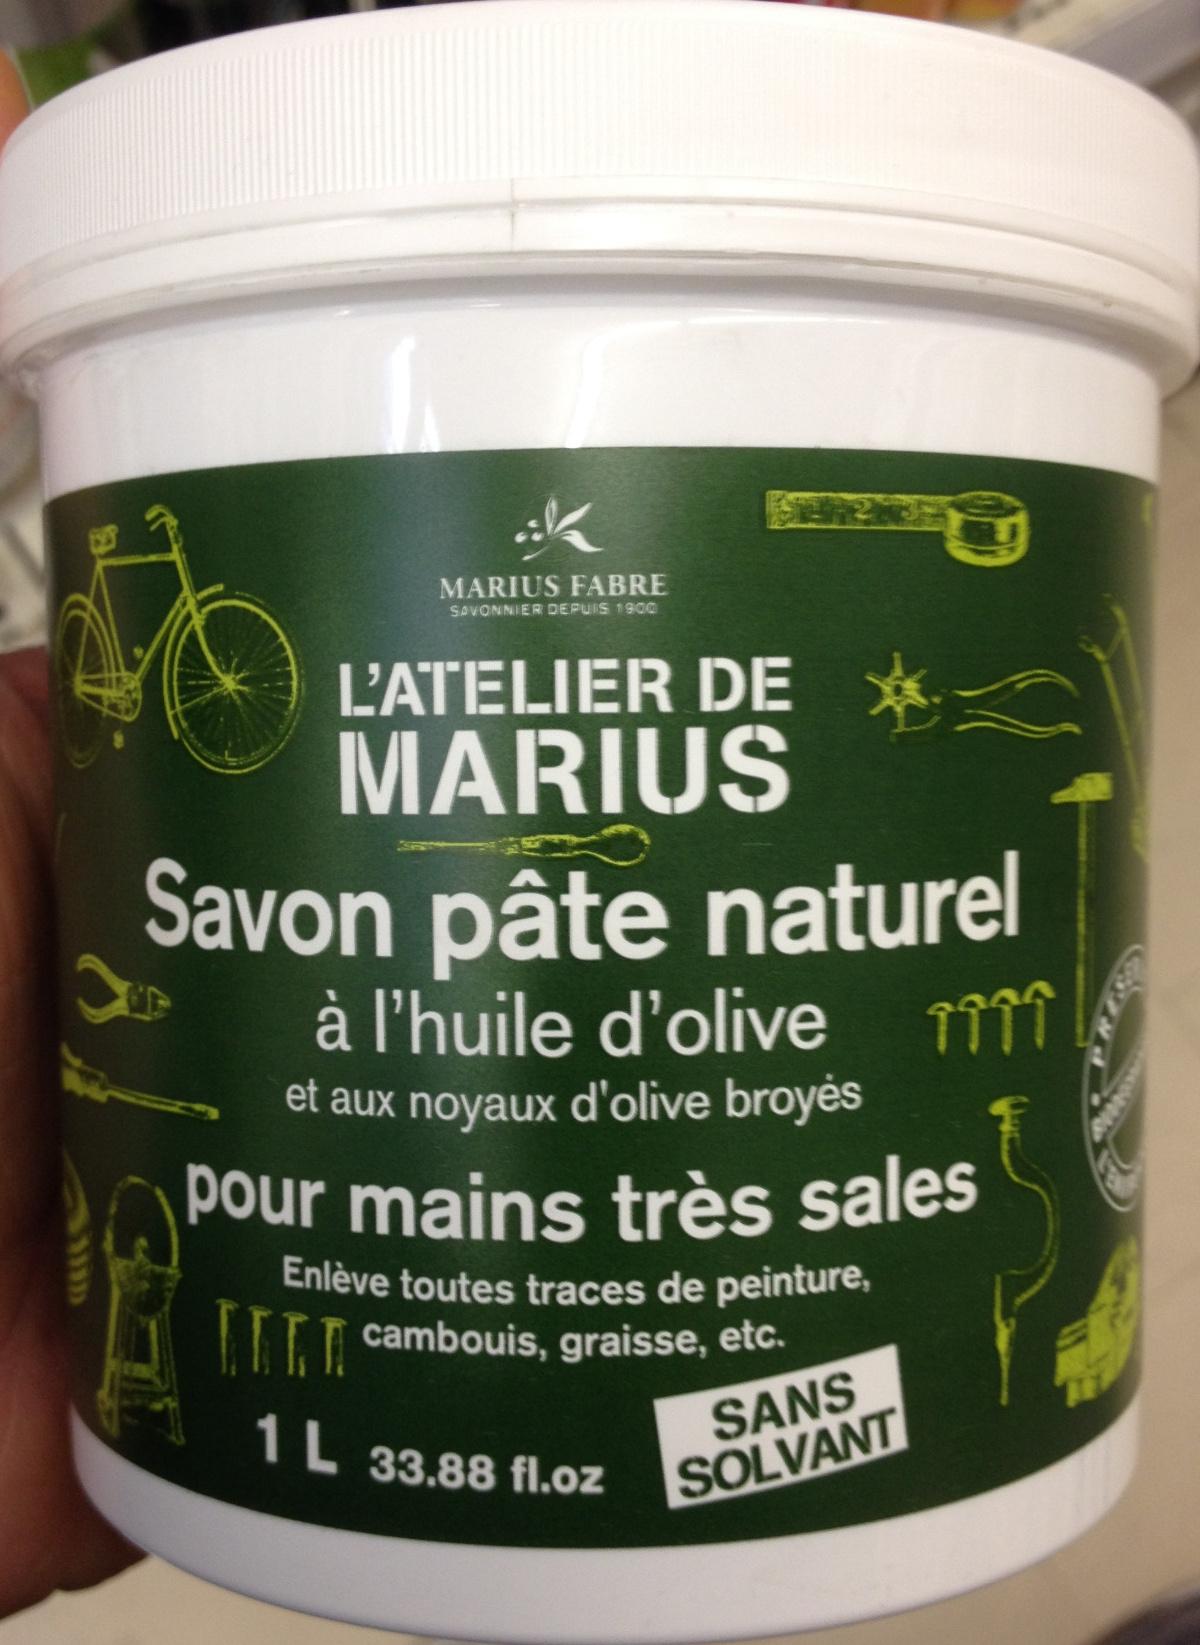 Savon pâte naturel à l'huile d'olive et aux noyaux d'olive broyés - Product